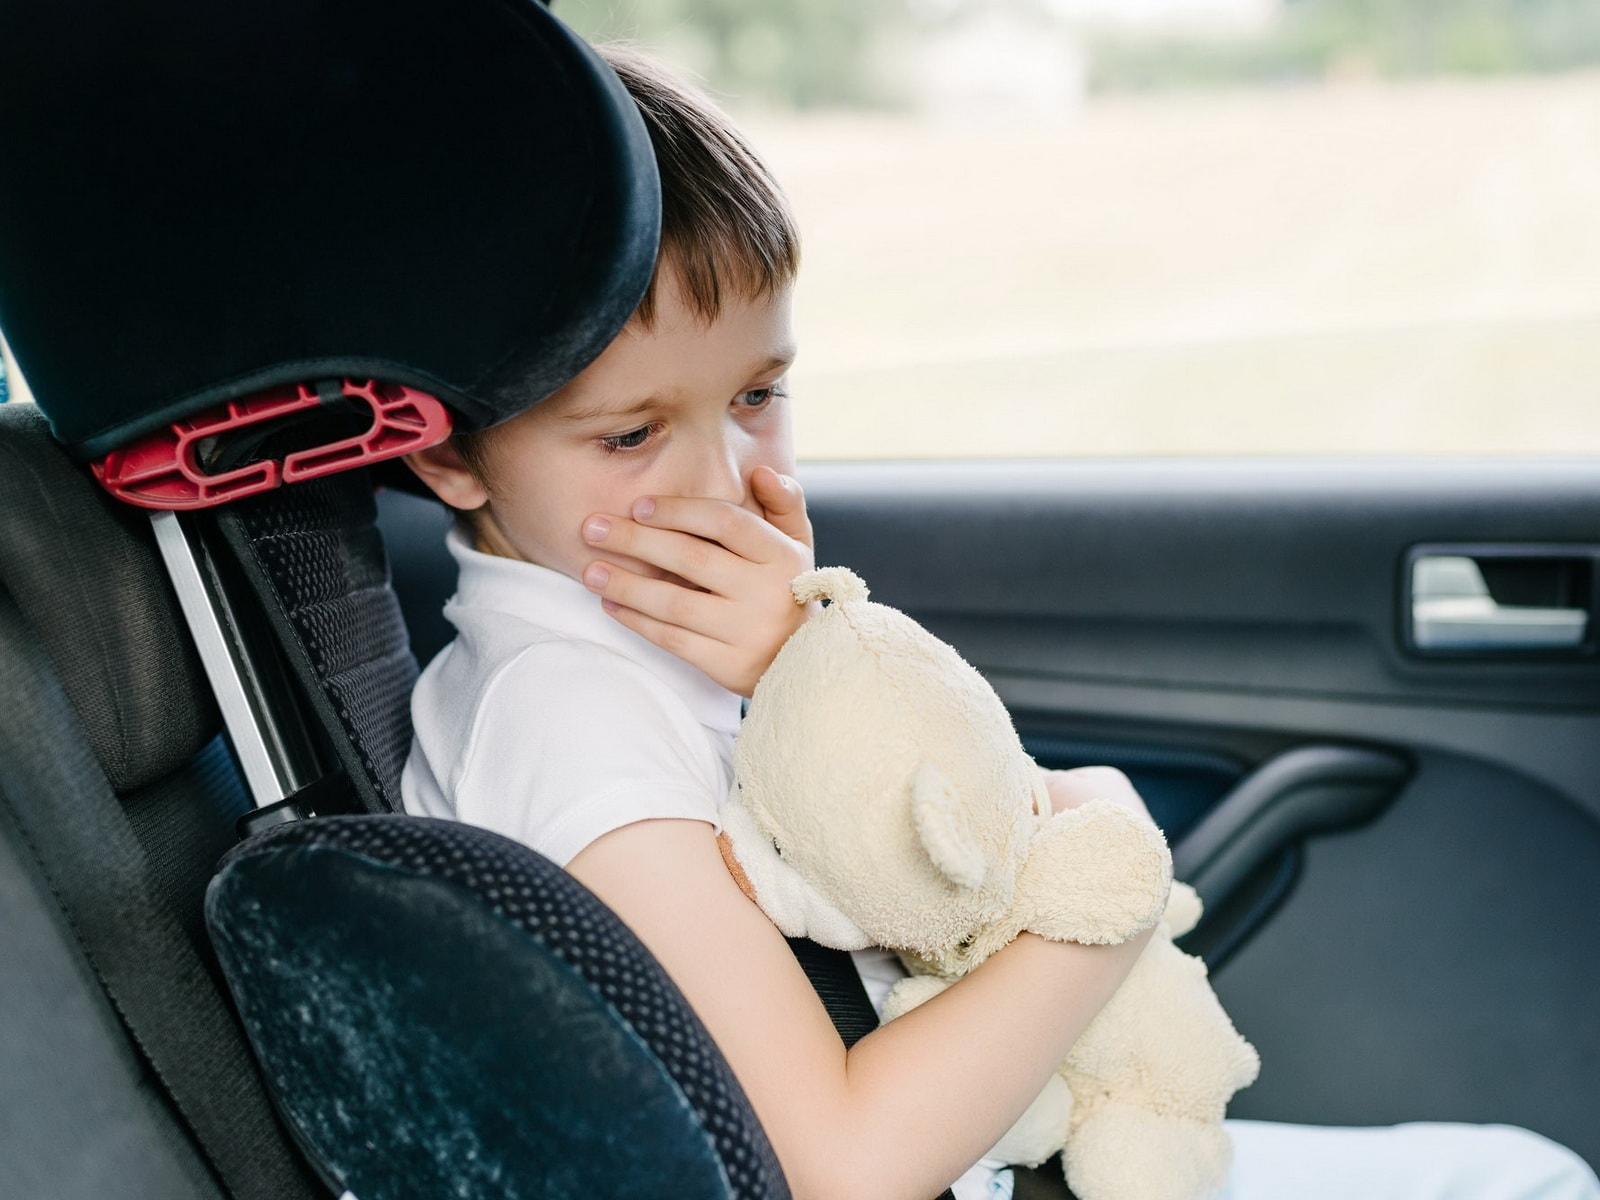 что делать, если ребенка укачивает в машине